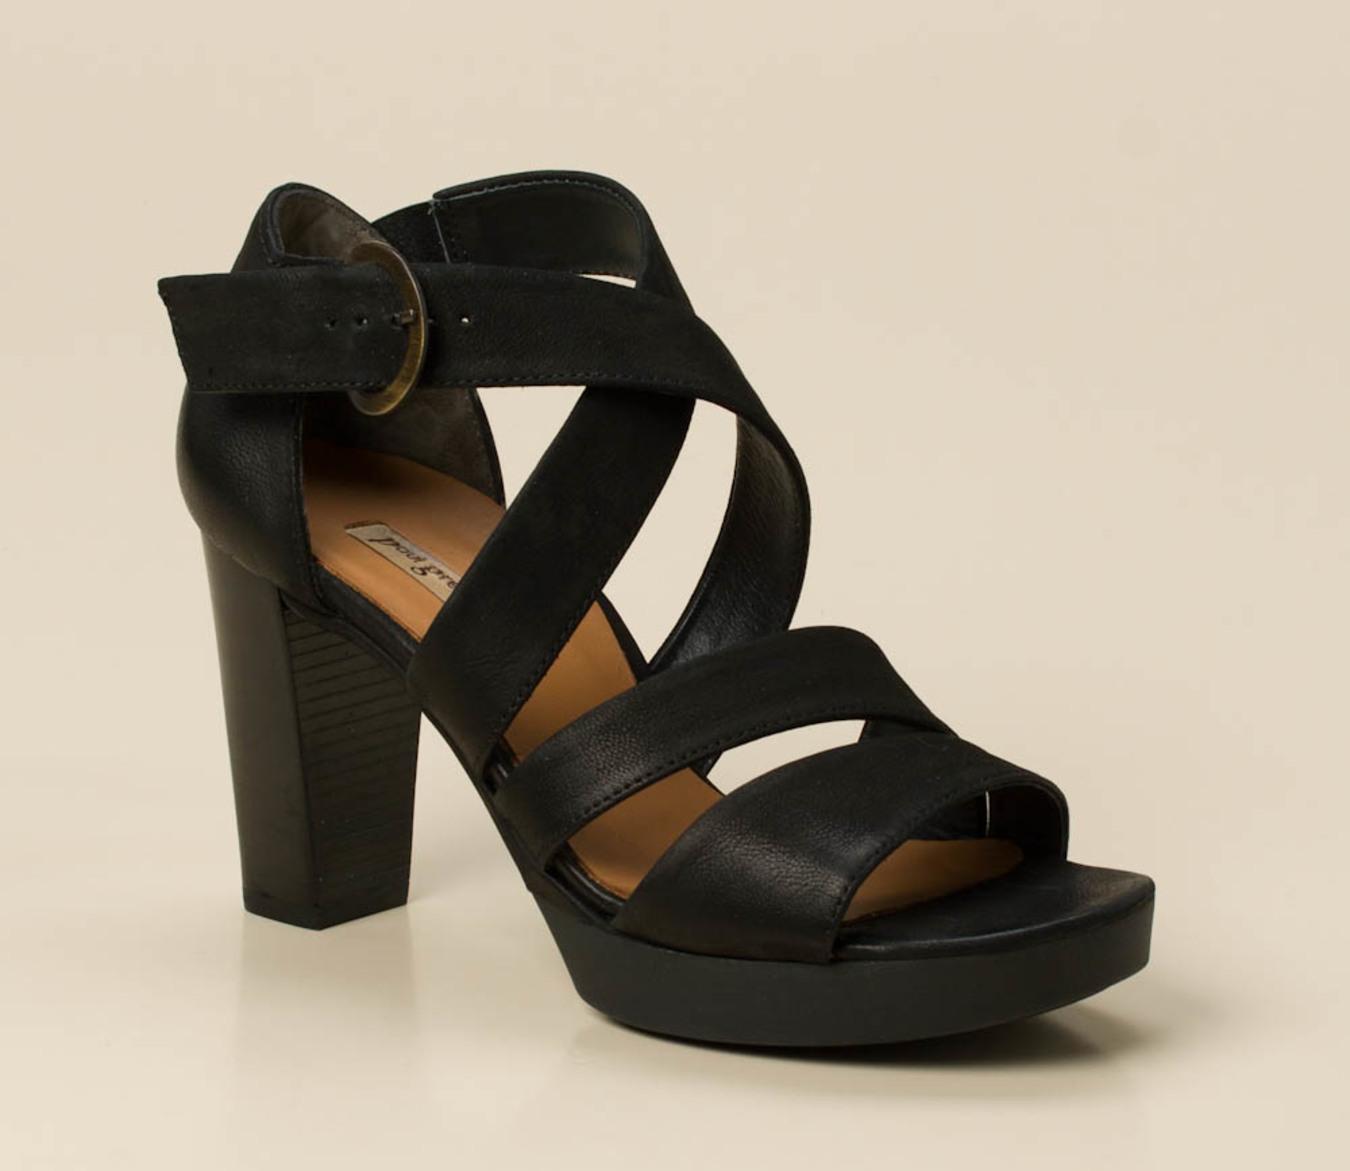 0f7b38c53e4770 Paul Green Damen Plateau-Sandalette in schwarz kaufen